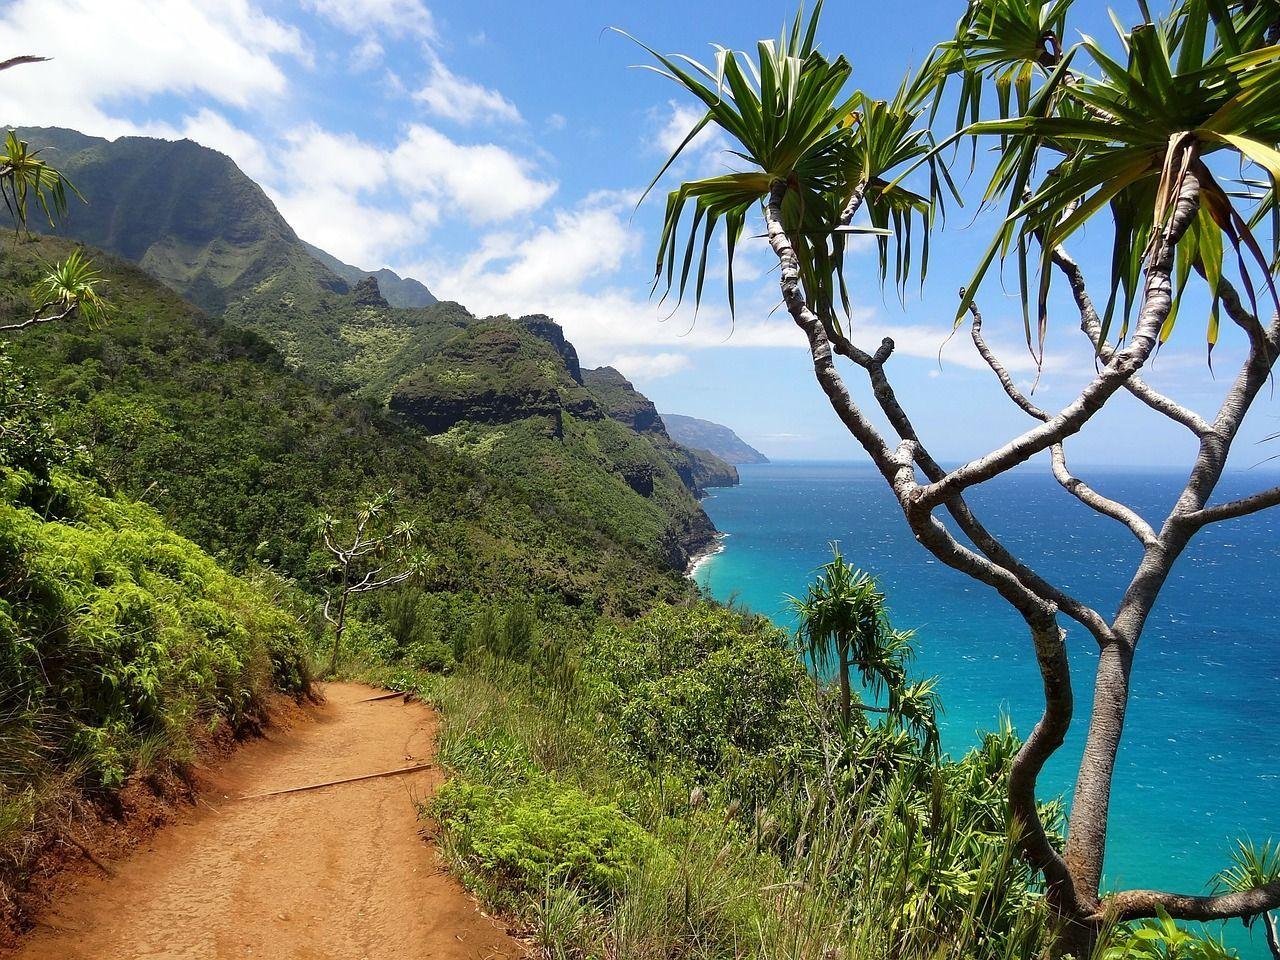 Nación Cannabis | Hawaii podría legalizar la producción y comercialización del cáñamo en 2018